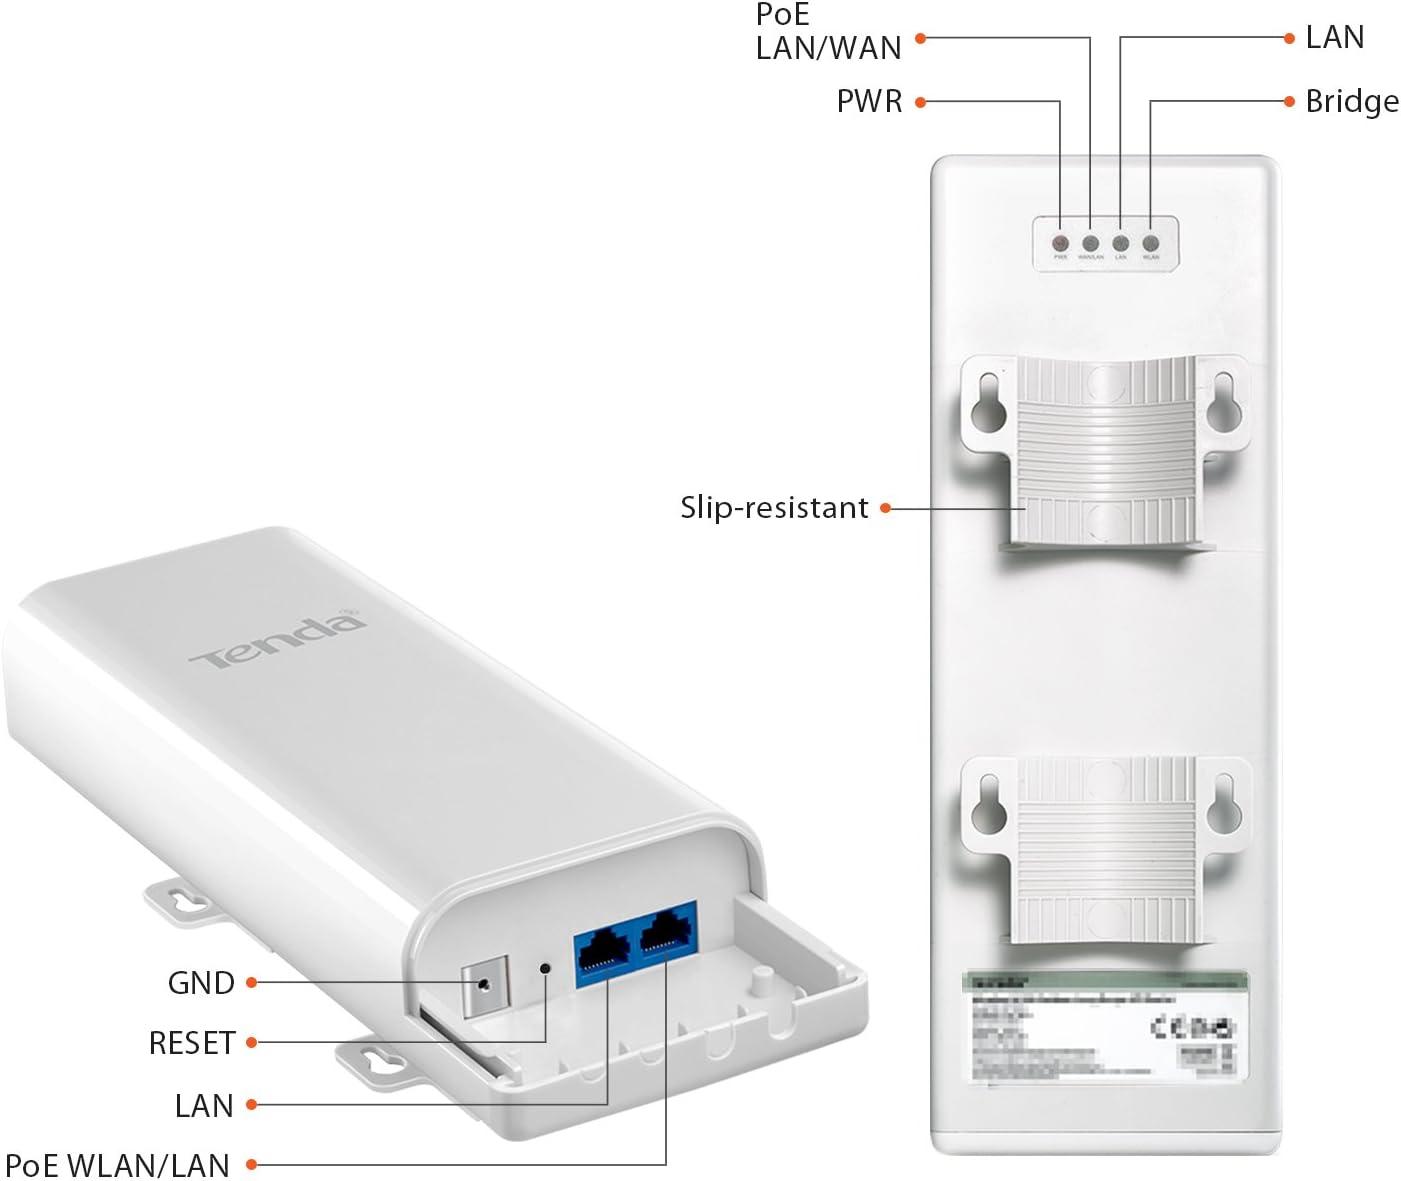 Tenda O3 150Mbit/s Energía sobre Ethernet (PoE) Blanco - Punto de acceso (150 Mbit/s, IEEE 802.11b,IEEE 802.11g,IEEE 802.11n, 2,4 GHz, 15 usuario(s), ...